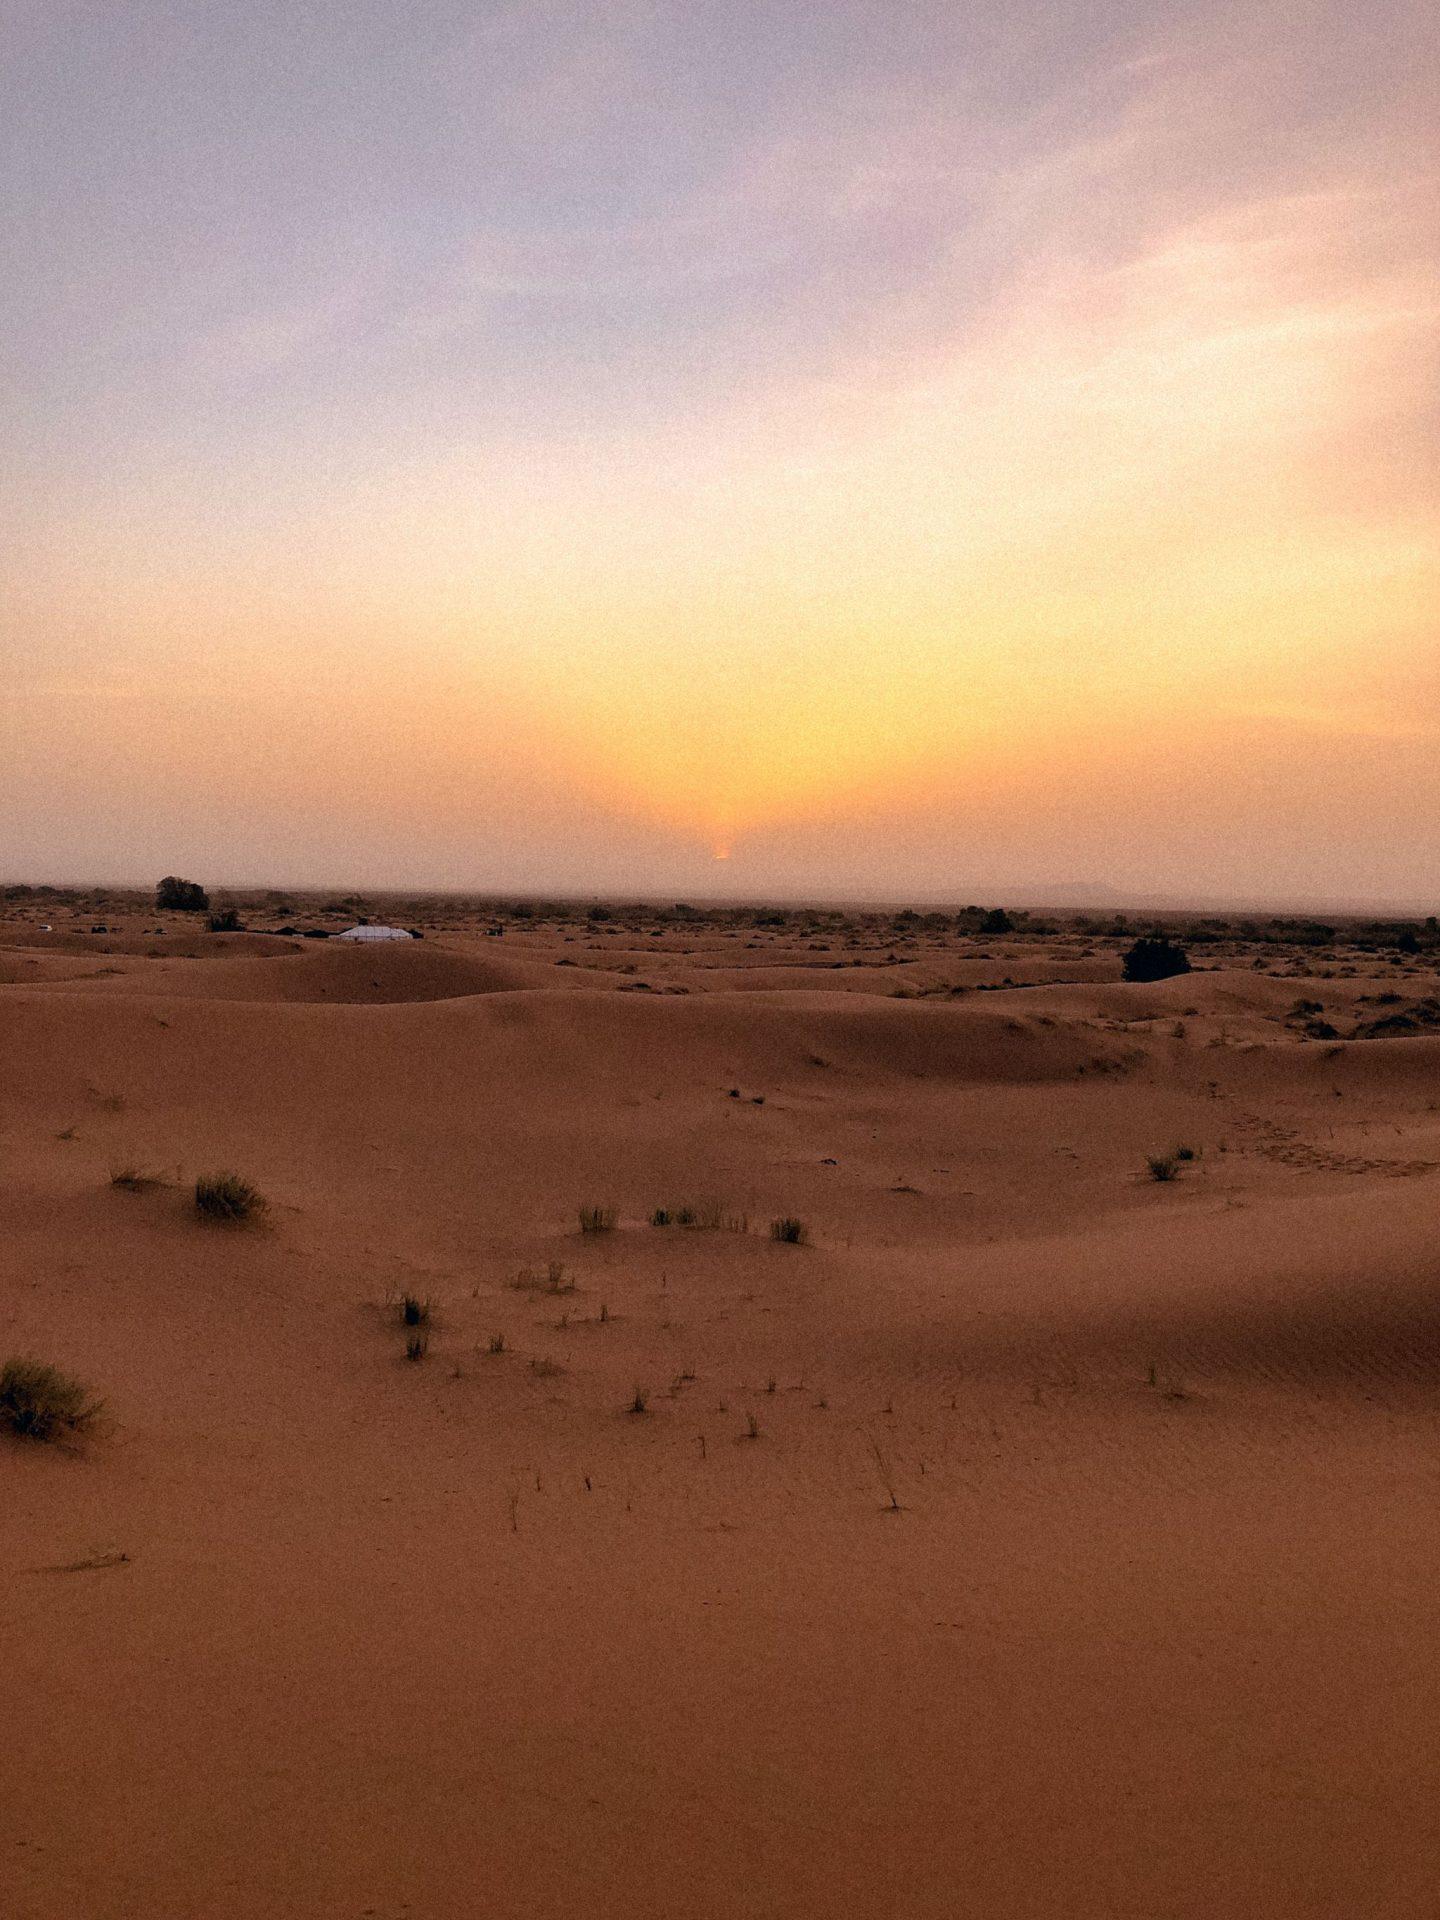 Sunrise at the Sahara Desert, Morocco